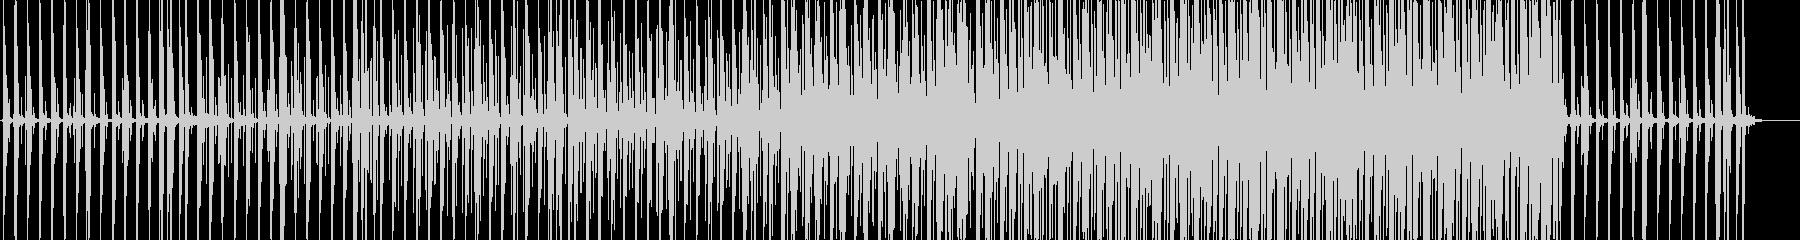 リズミカルなサンバ曲の未再生の波形